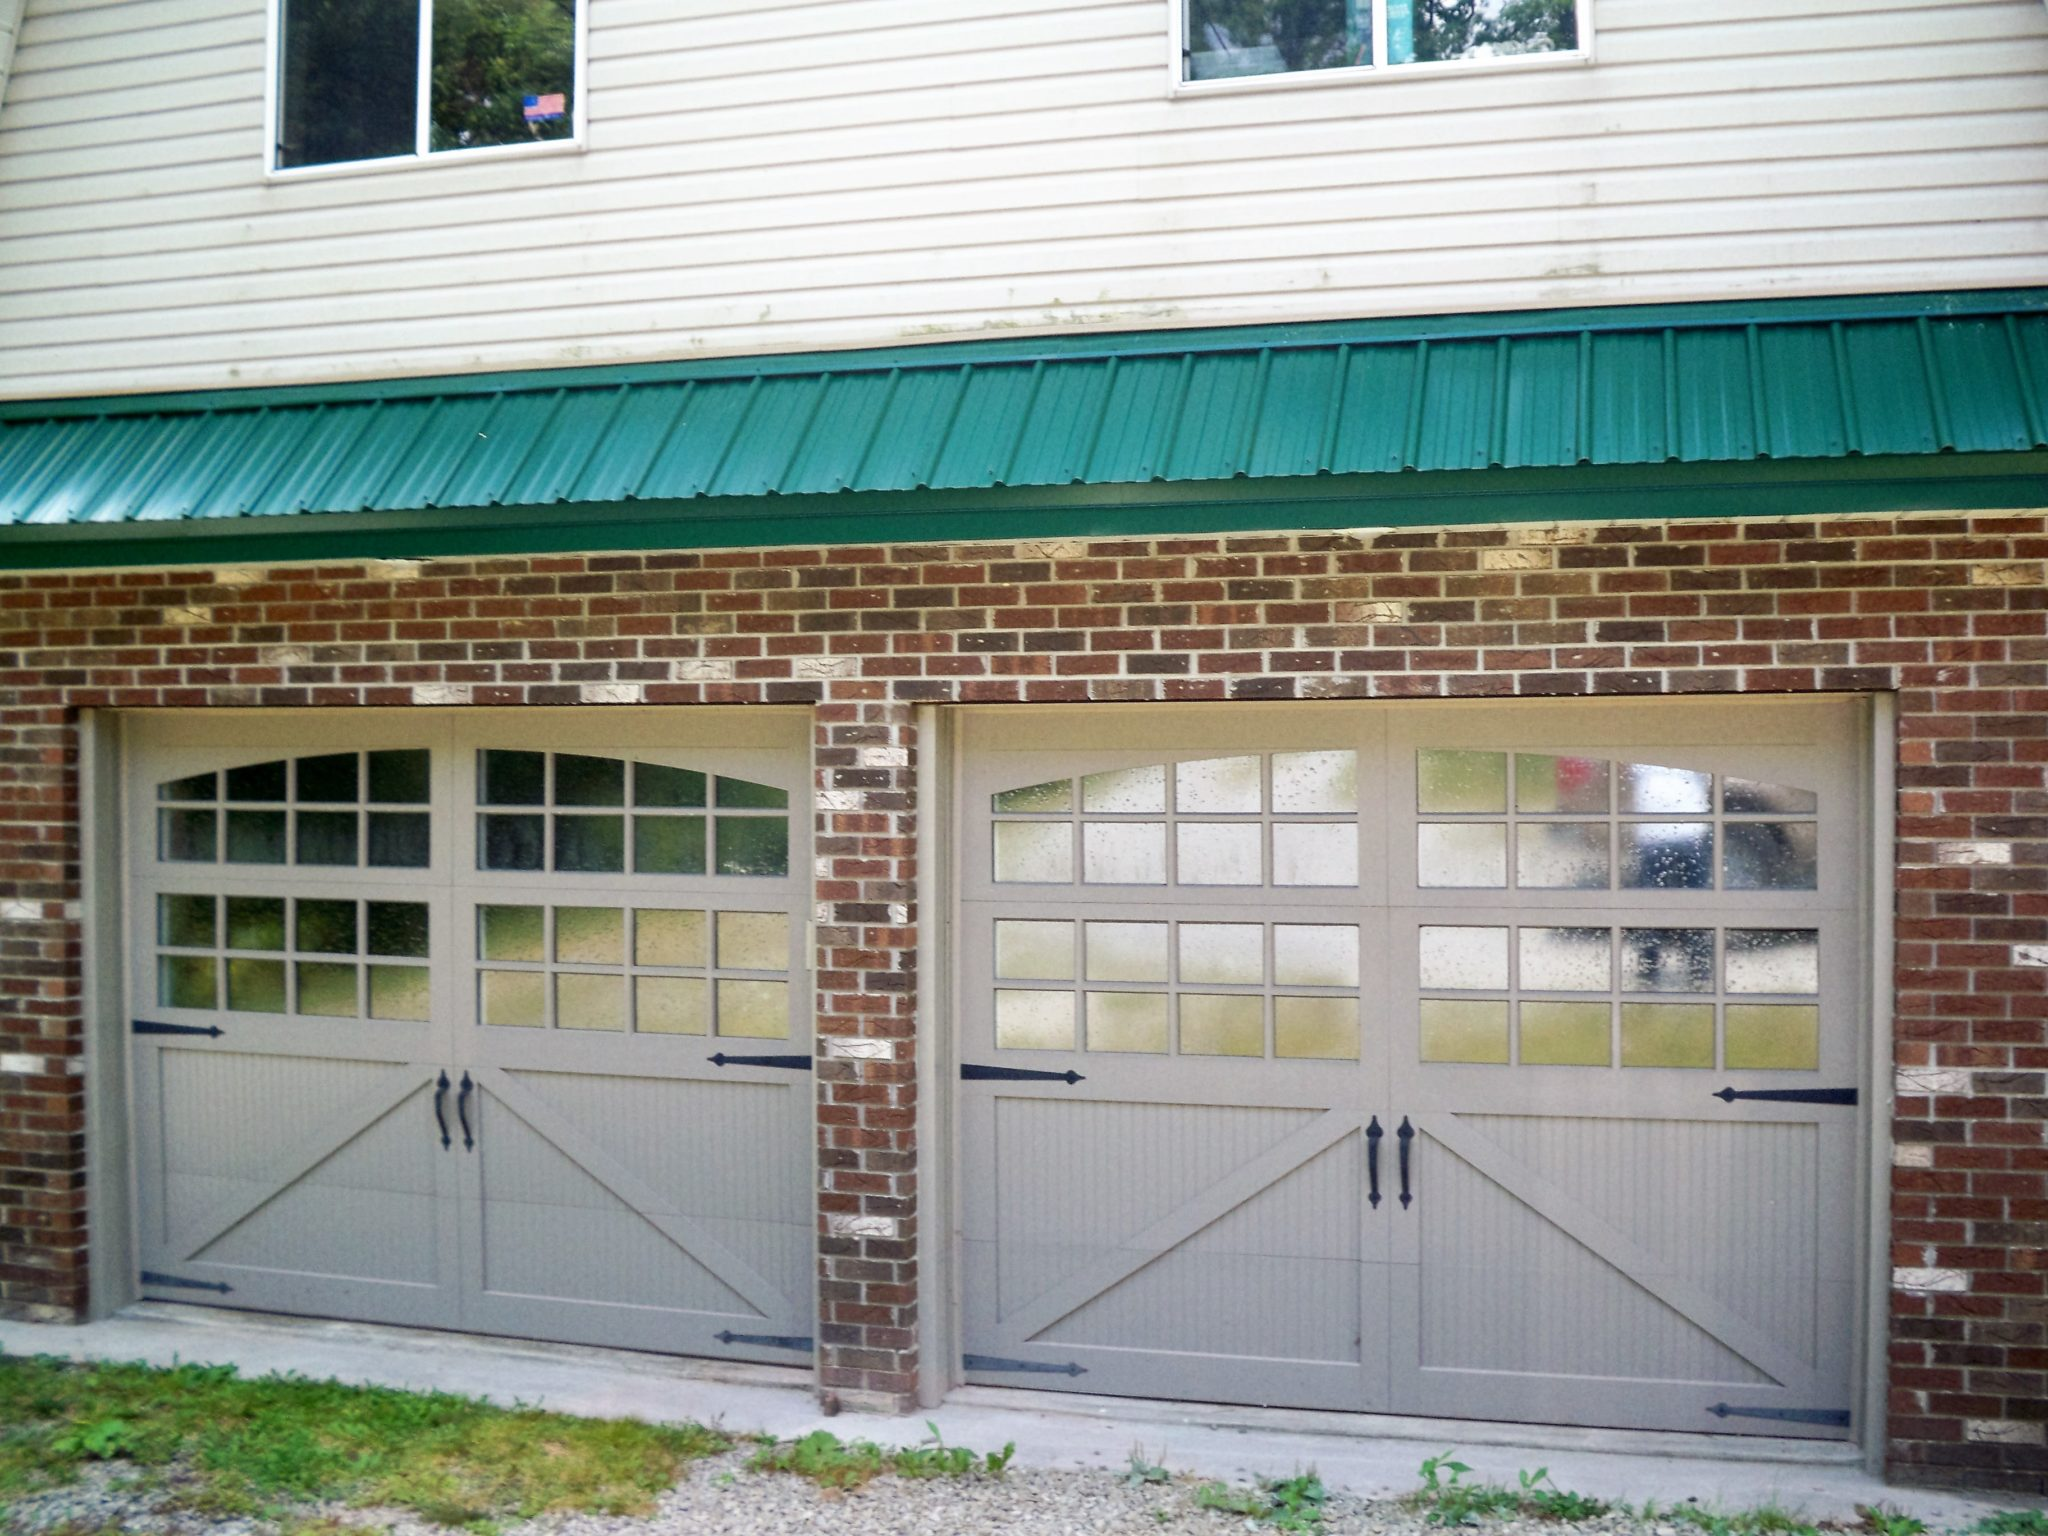 2736 #297D80 Filter All Garage Doors Commercial Garage Doors Residential Metal  picture/photo Garage Doors Suppliers 36993648